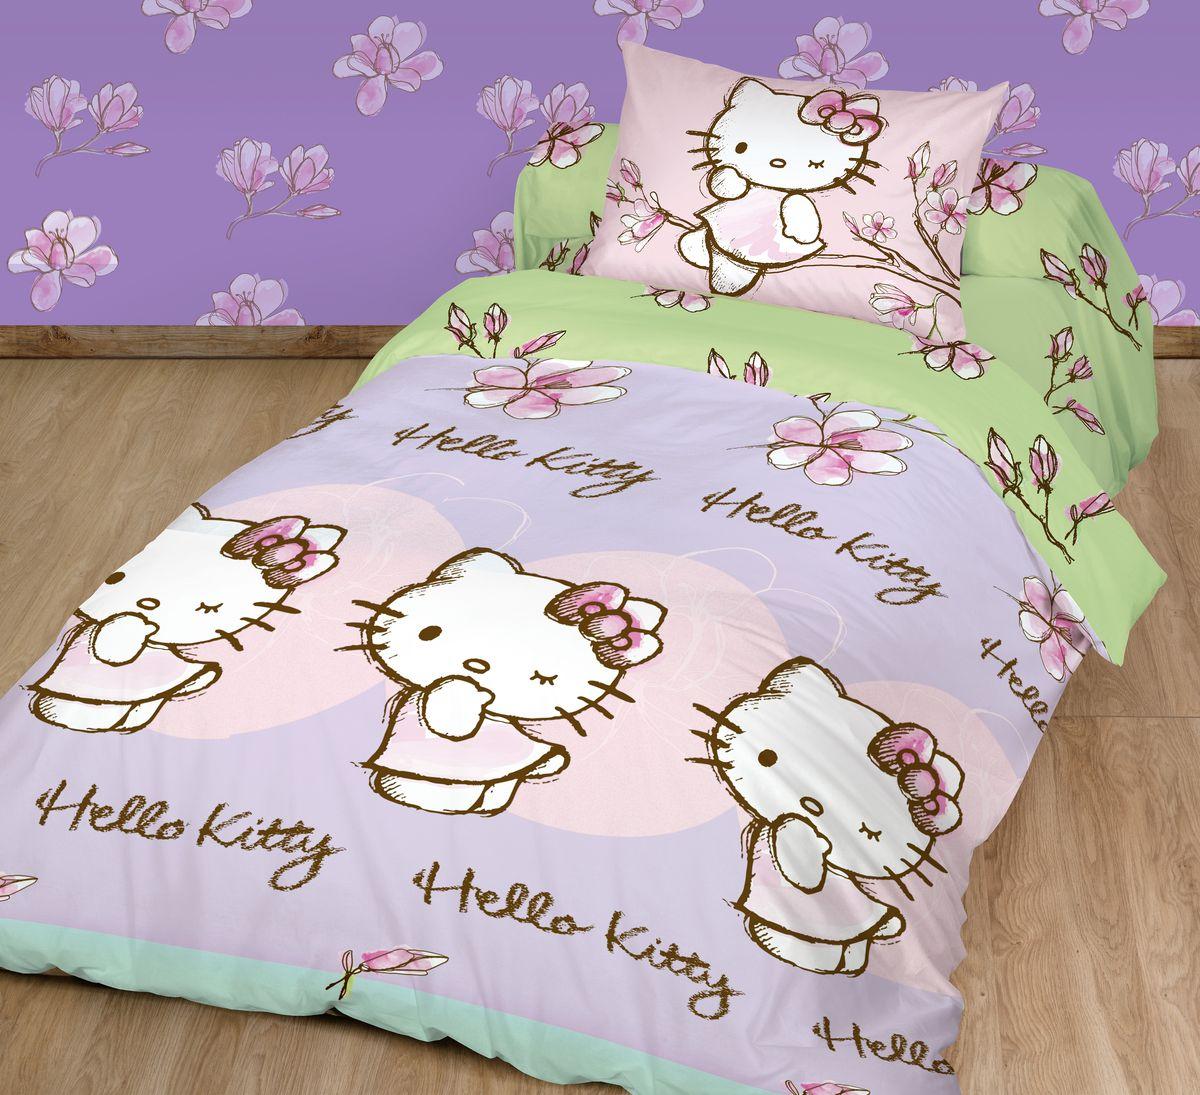 Комплект постельного белья Hello Kitty, 1,5-спальный, наволочка 50х70, цвет: сиреневый + ПОДАРОК: Наволочка Hello Kitty, 50 х 70 см718355Детский комплект постельного белья Hello Kitty состоит из 2 наволочек, пододеяльника и простыни. Такой комплект идеально подойдет для кровати вашего ребенка и обеспечит ему здоровый сон. Он изготовлен из ранфорса, дарящего малышу непревзойденную мягкость. Натуральный материал не раздражает даже самую нежную и чувствительную кожу ребенка, обеспечивая ему наибольший комфорт. Приятный рисунок комплекта подарит вашему ребенку встречу с любимыми героями полюбившегося мультфильма и порадует яркостью и красочностью дизайна.